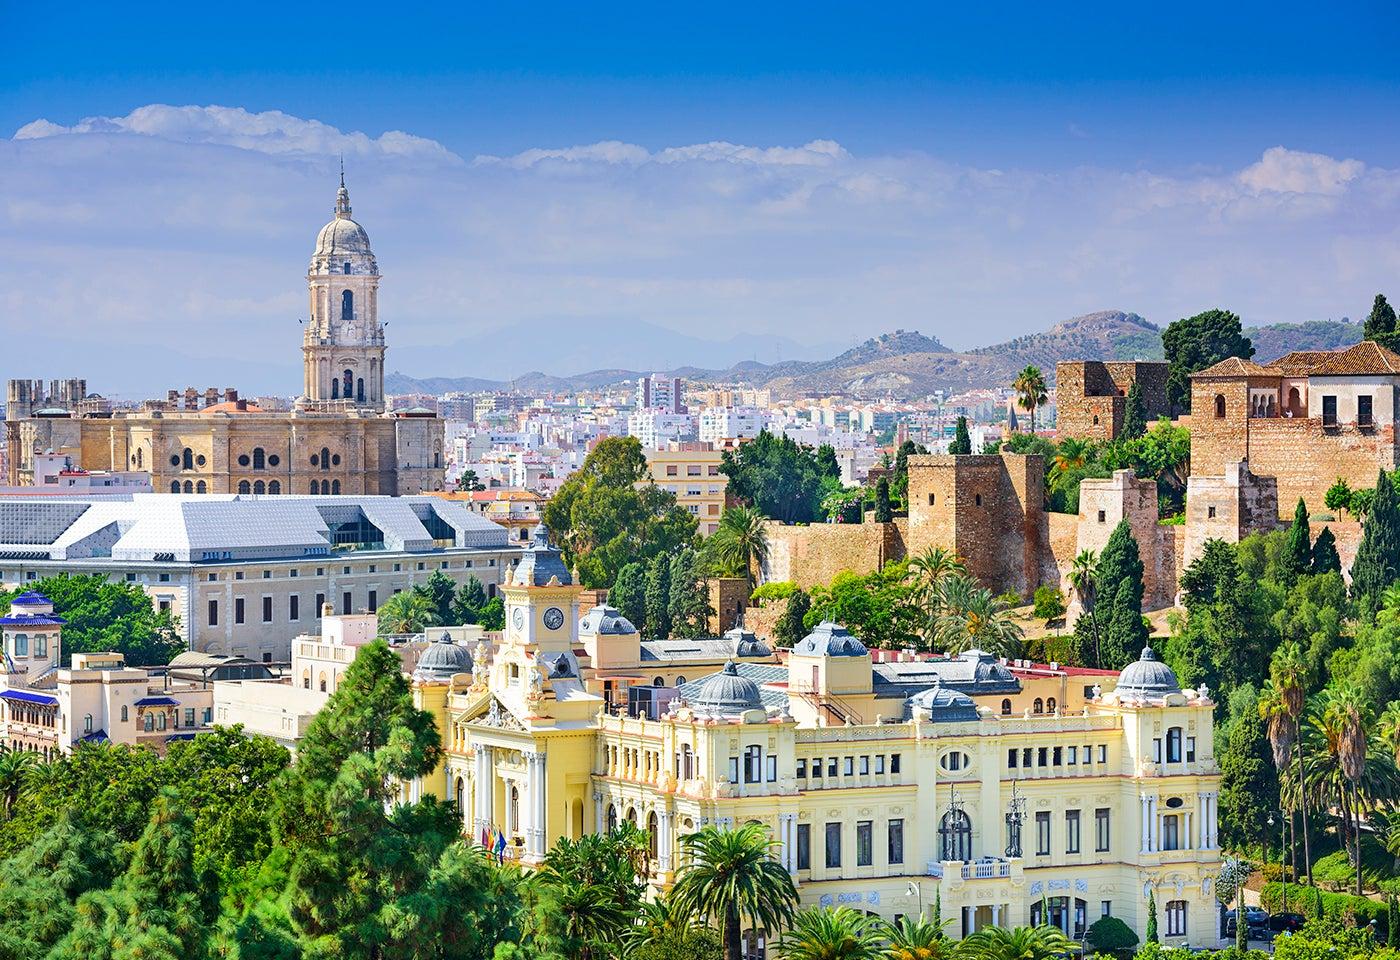 La capital de la Costa del Sol, qué ver y hacer en Málaga